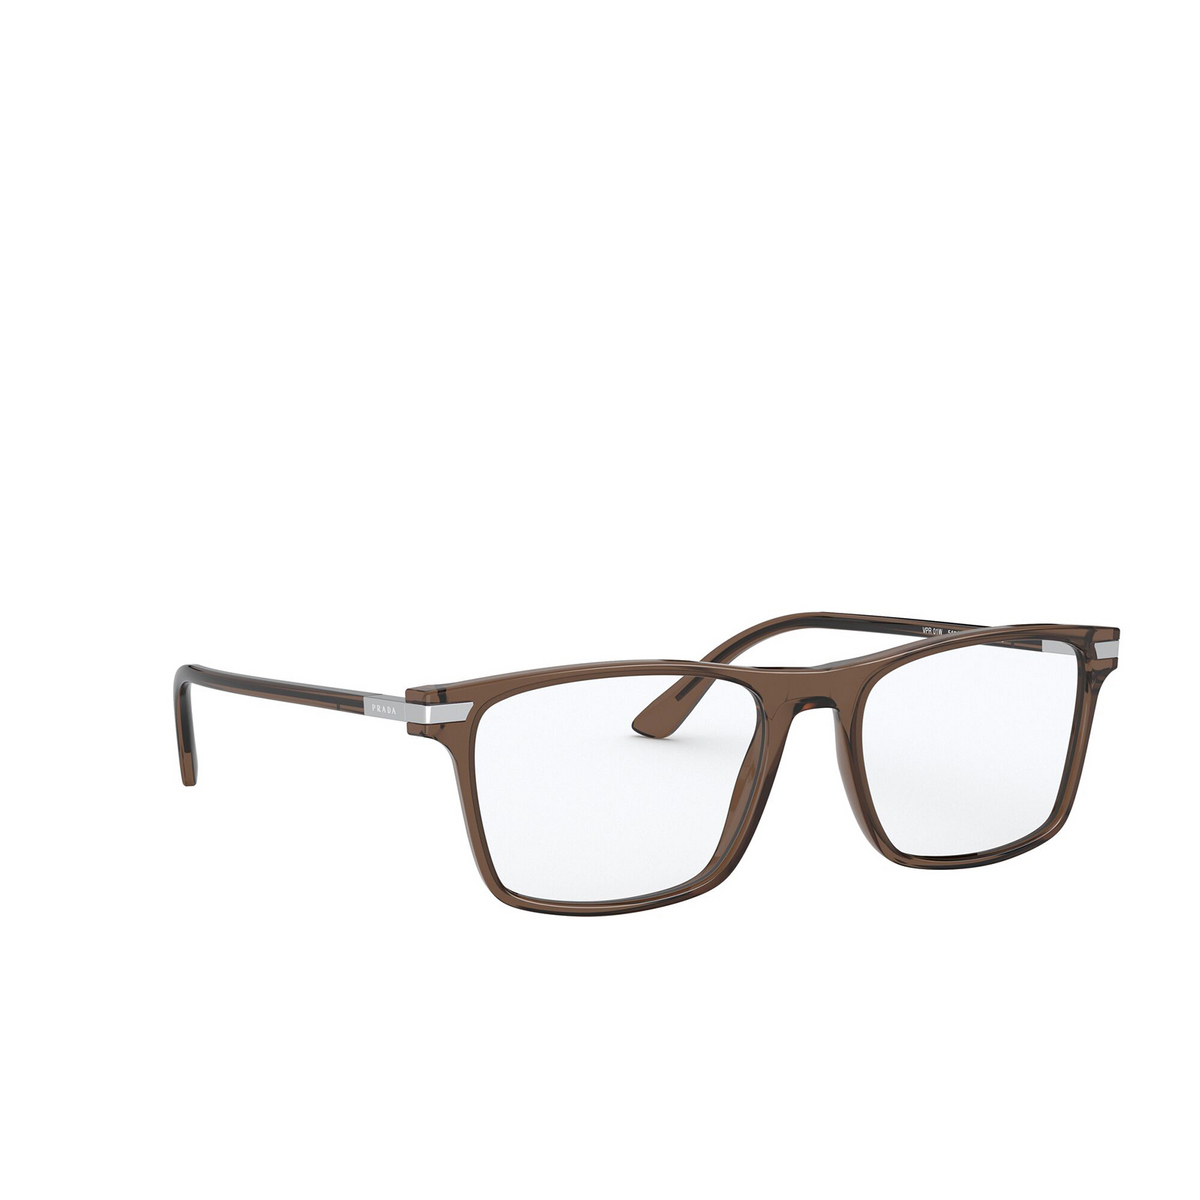 Prada® Rectangle Eyeglasses: PR 01WV color Brown 09F1O1 - three-quarters view.